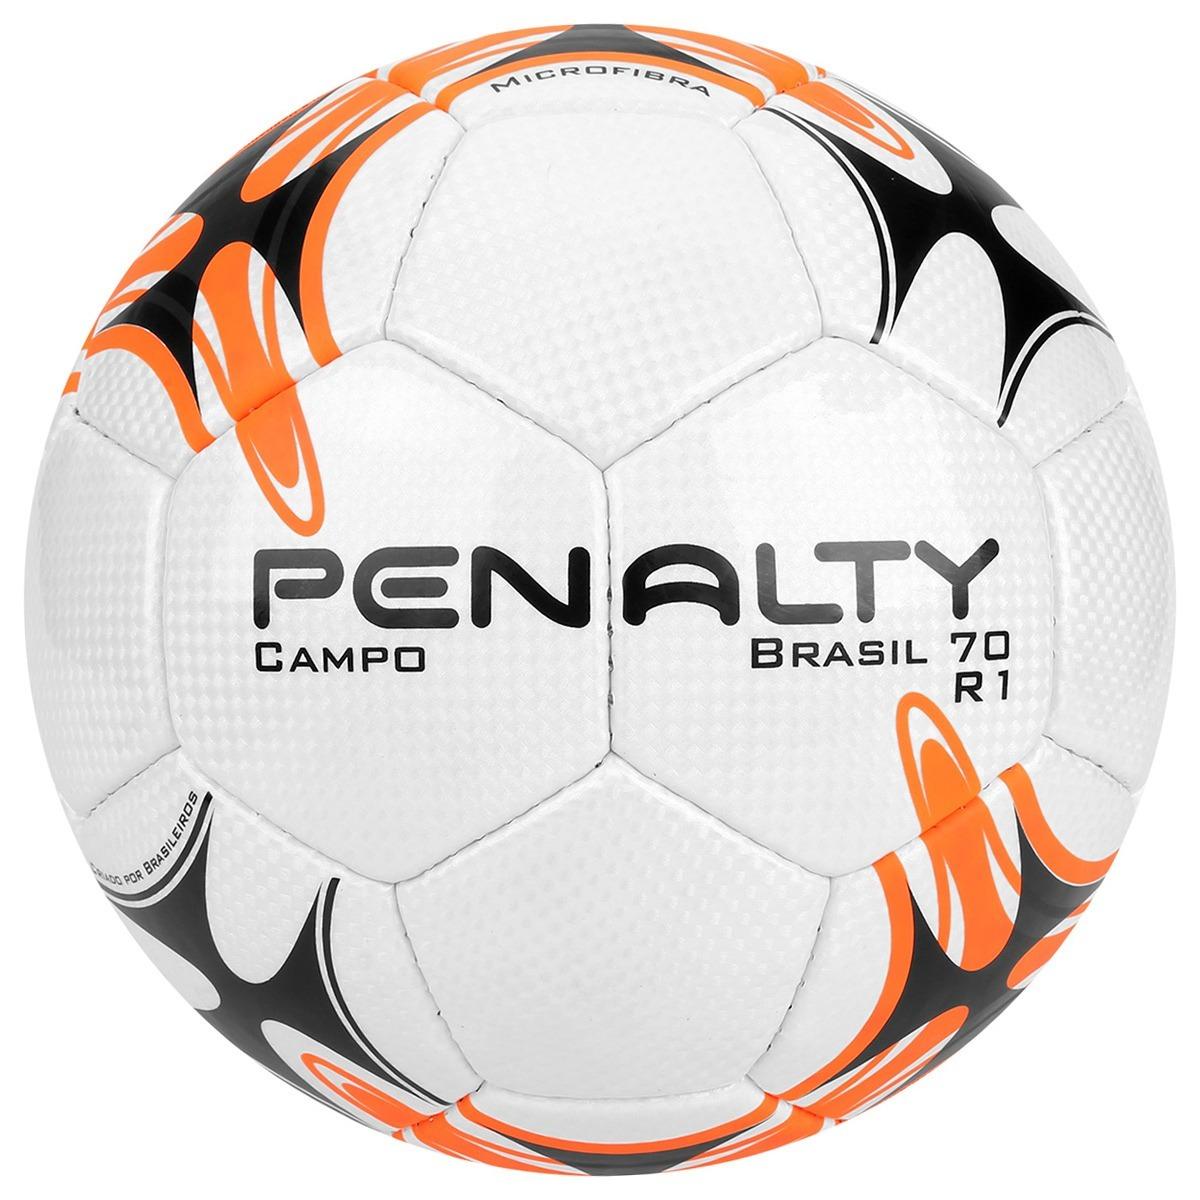 bola de futebol de campo penalty brasil 70 pró 12x s juros. Carregando zoom. d9392bfb1d17f